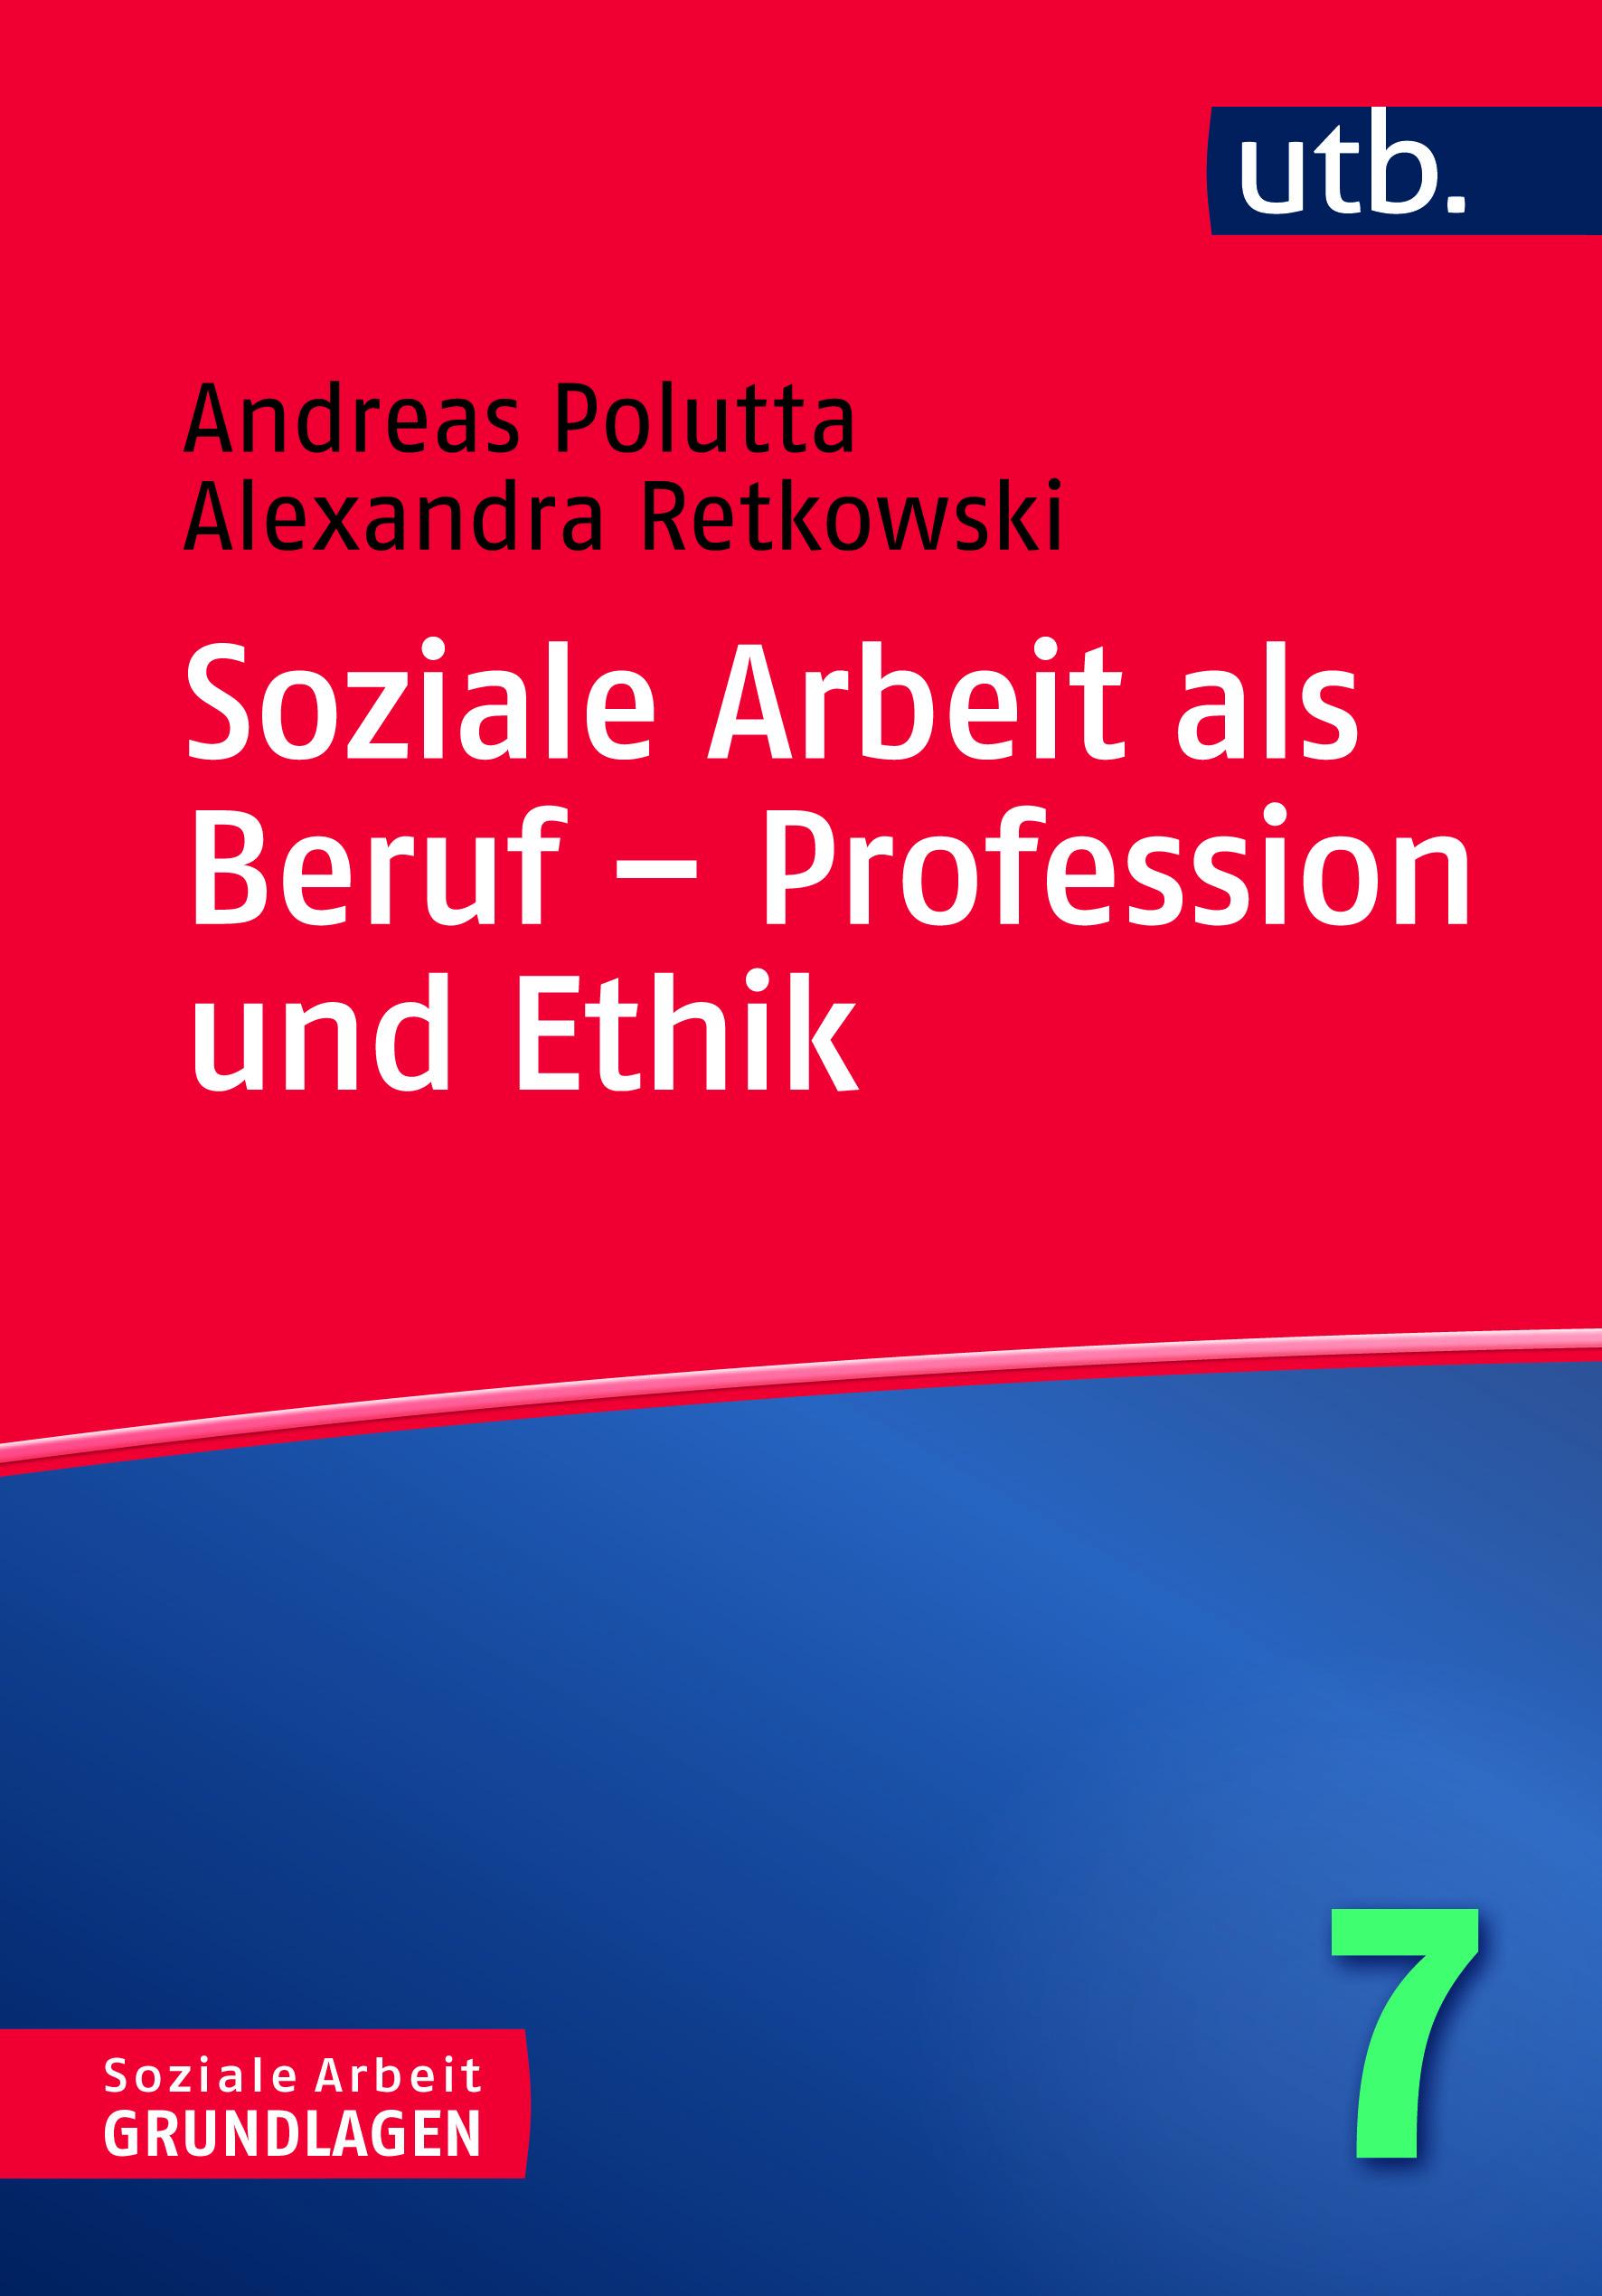 Soziale Arbeit als Beruf - Profession und Ethik